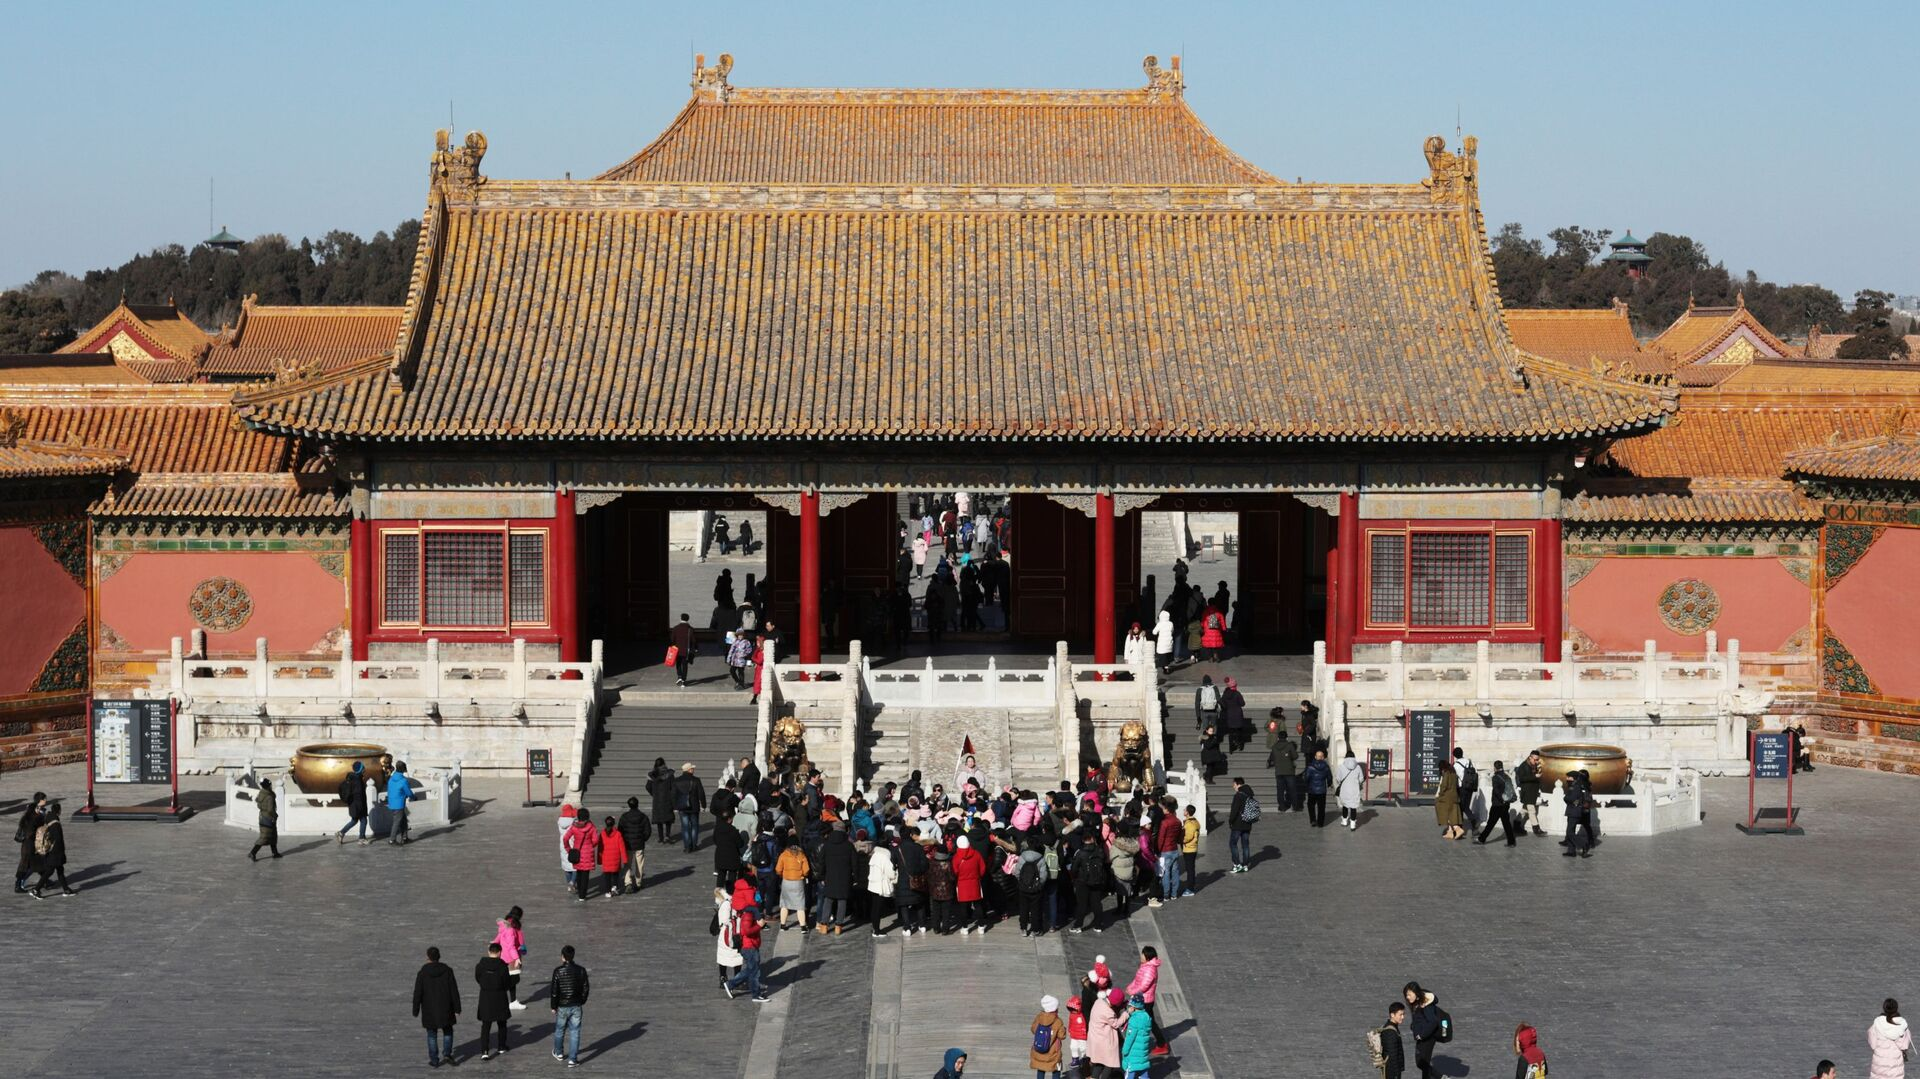 Посетители у Дворца земного спокойствия в Запретном городе в центре Пекина - РИА Новости, 1920, 03.05.2021